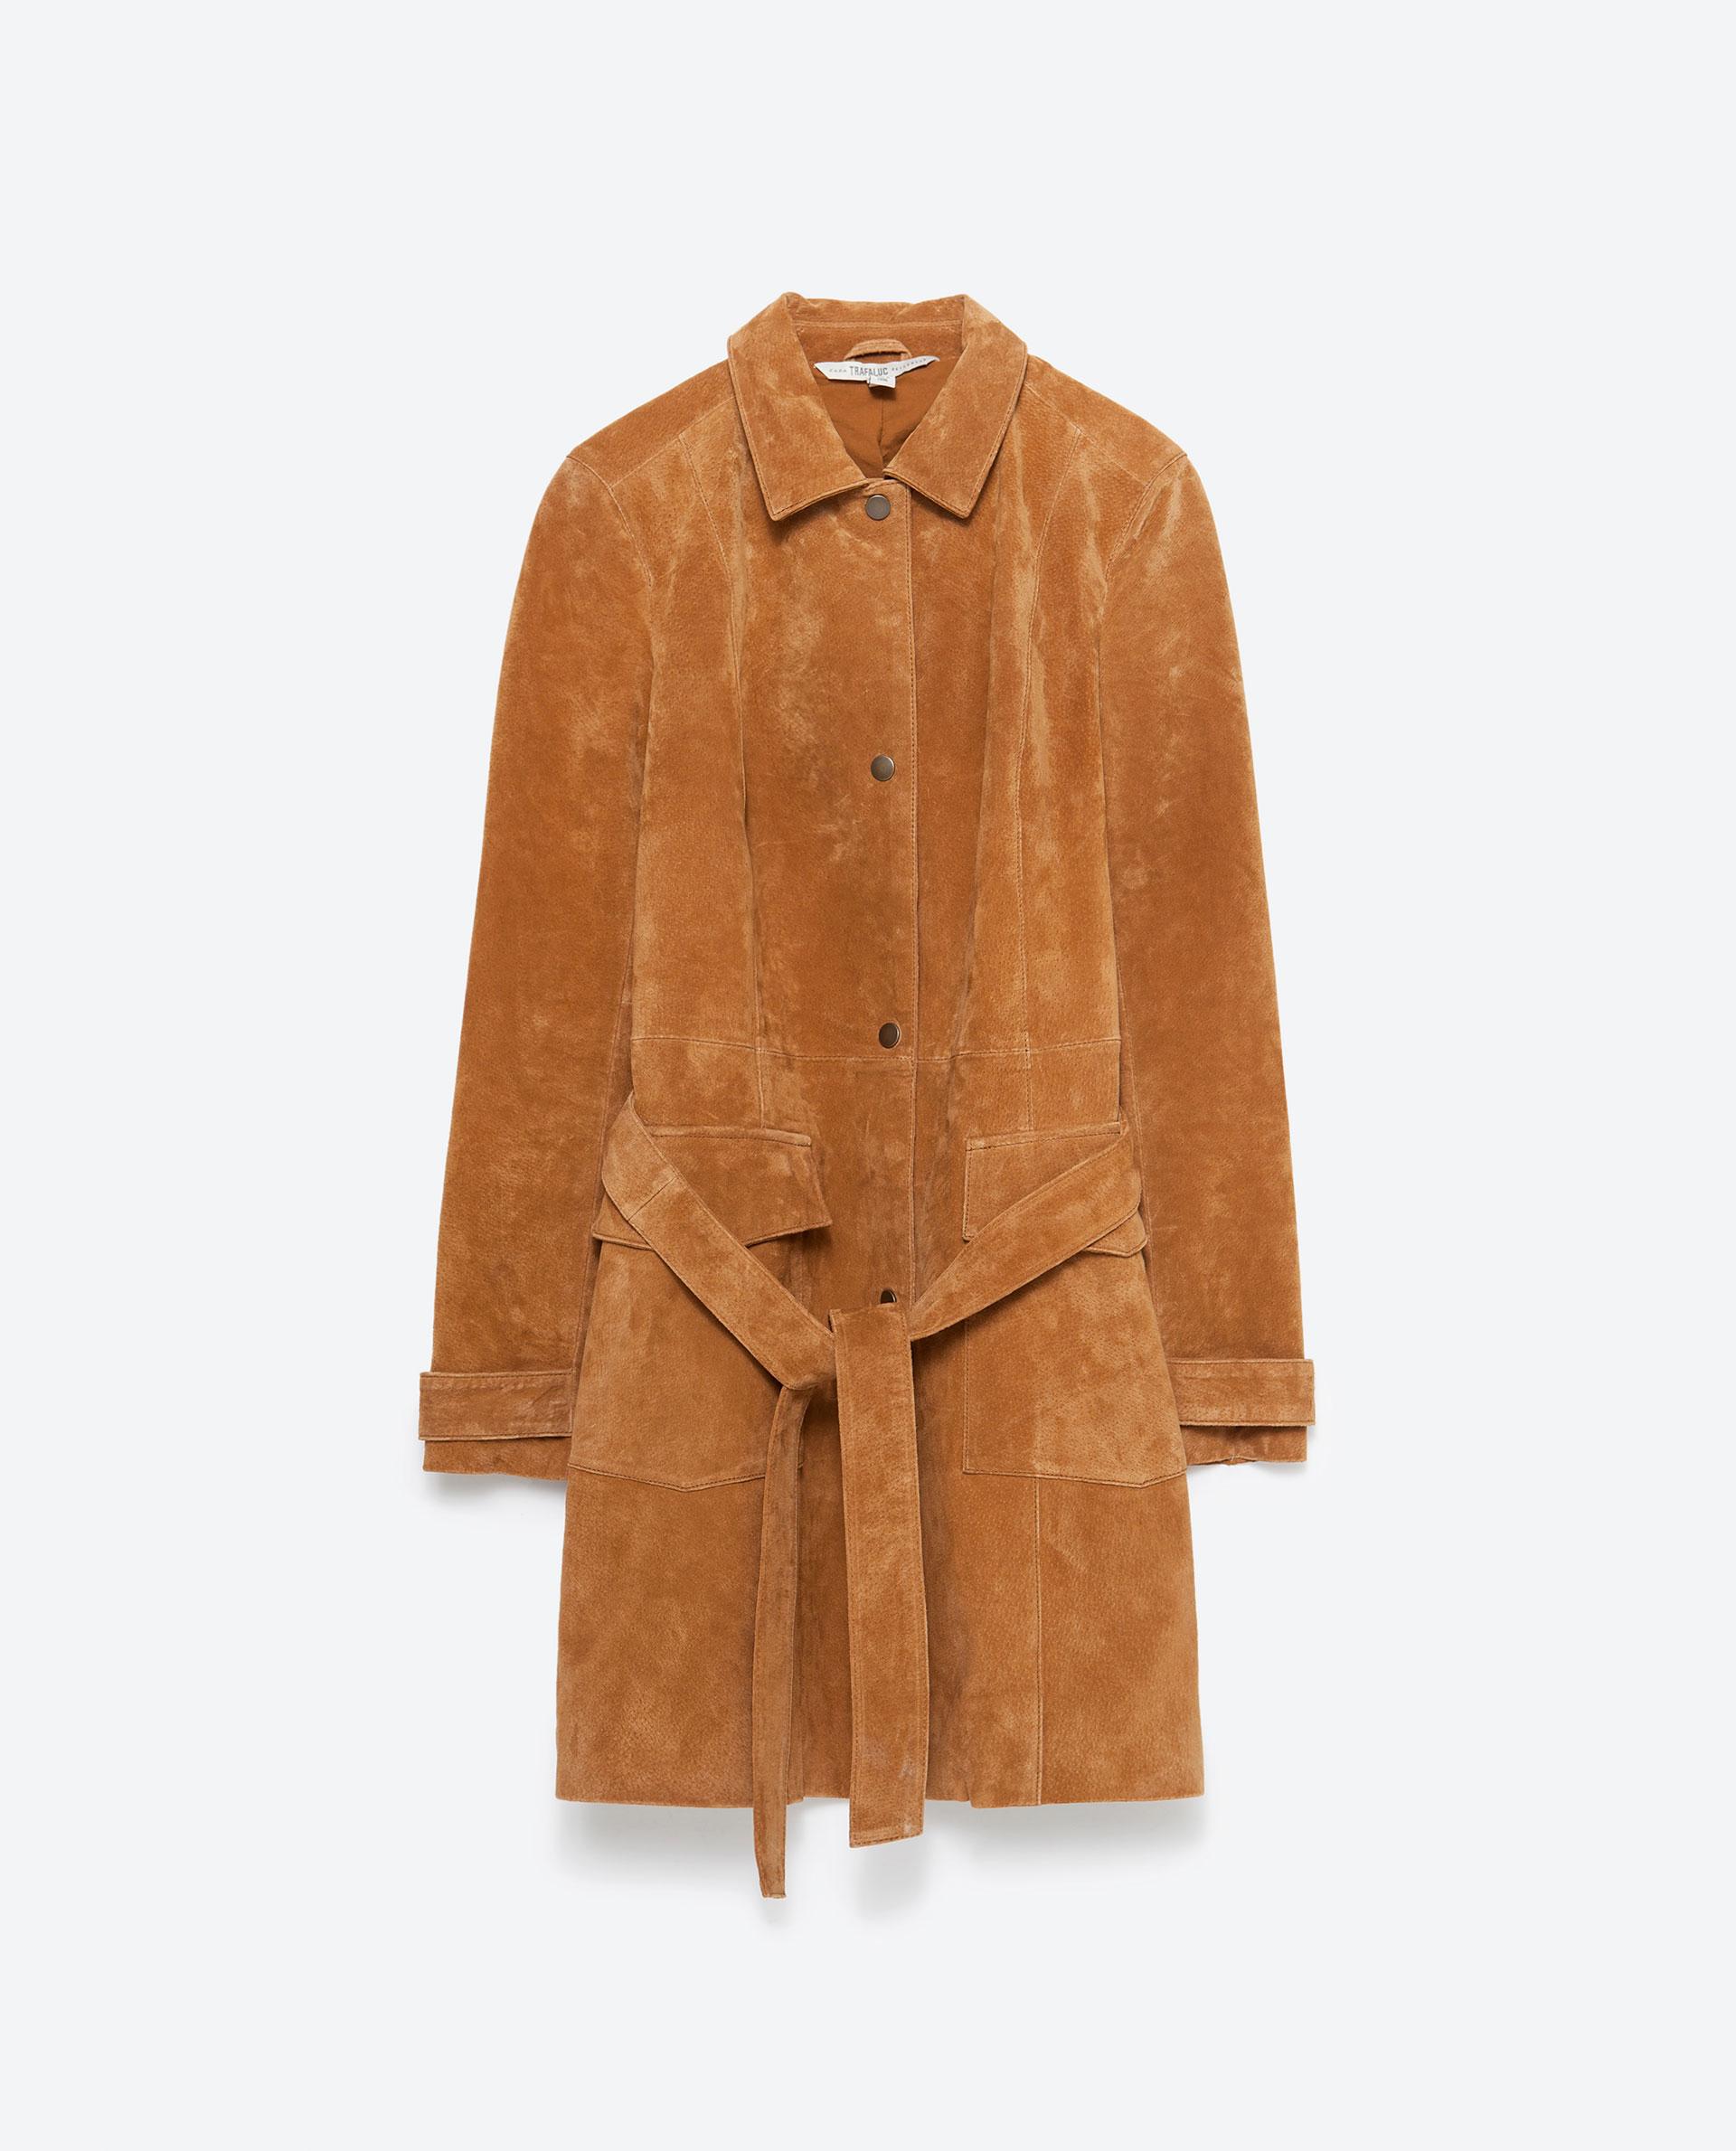 Zara Suede Coat in Brown | Lyst